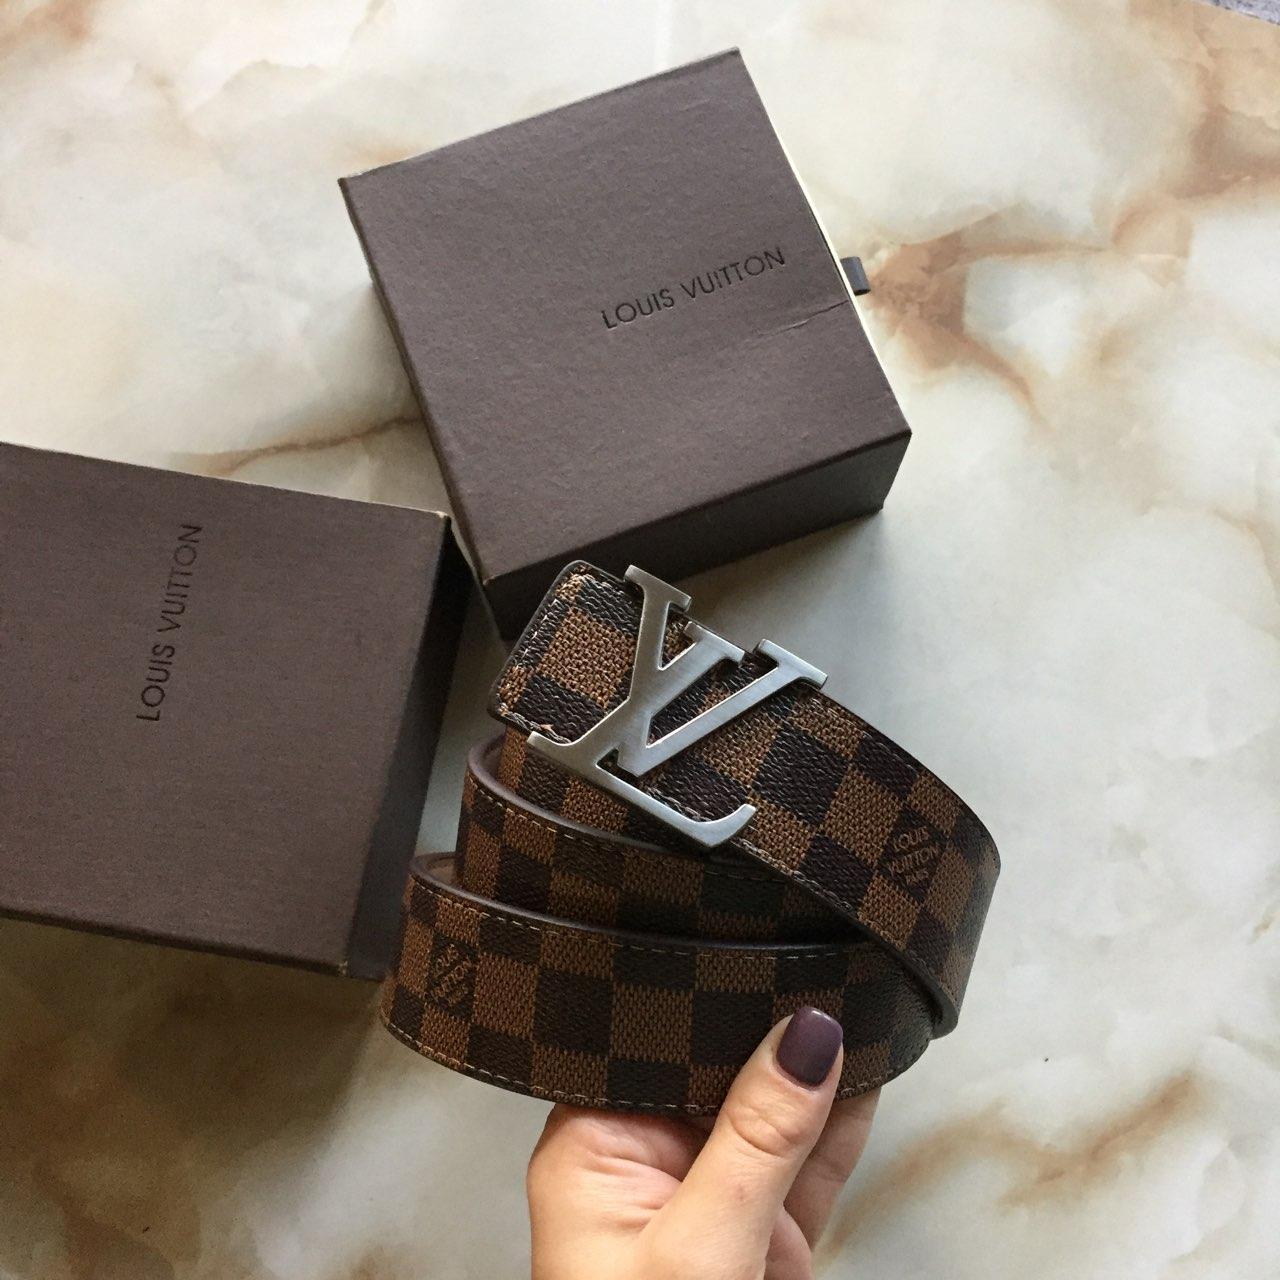 Брендовый Ремень Louis Vuitton кожаный пояс Луи Витон в коробке